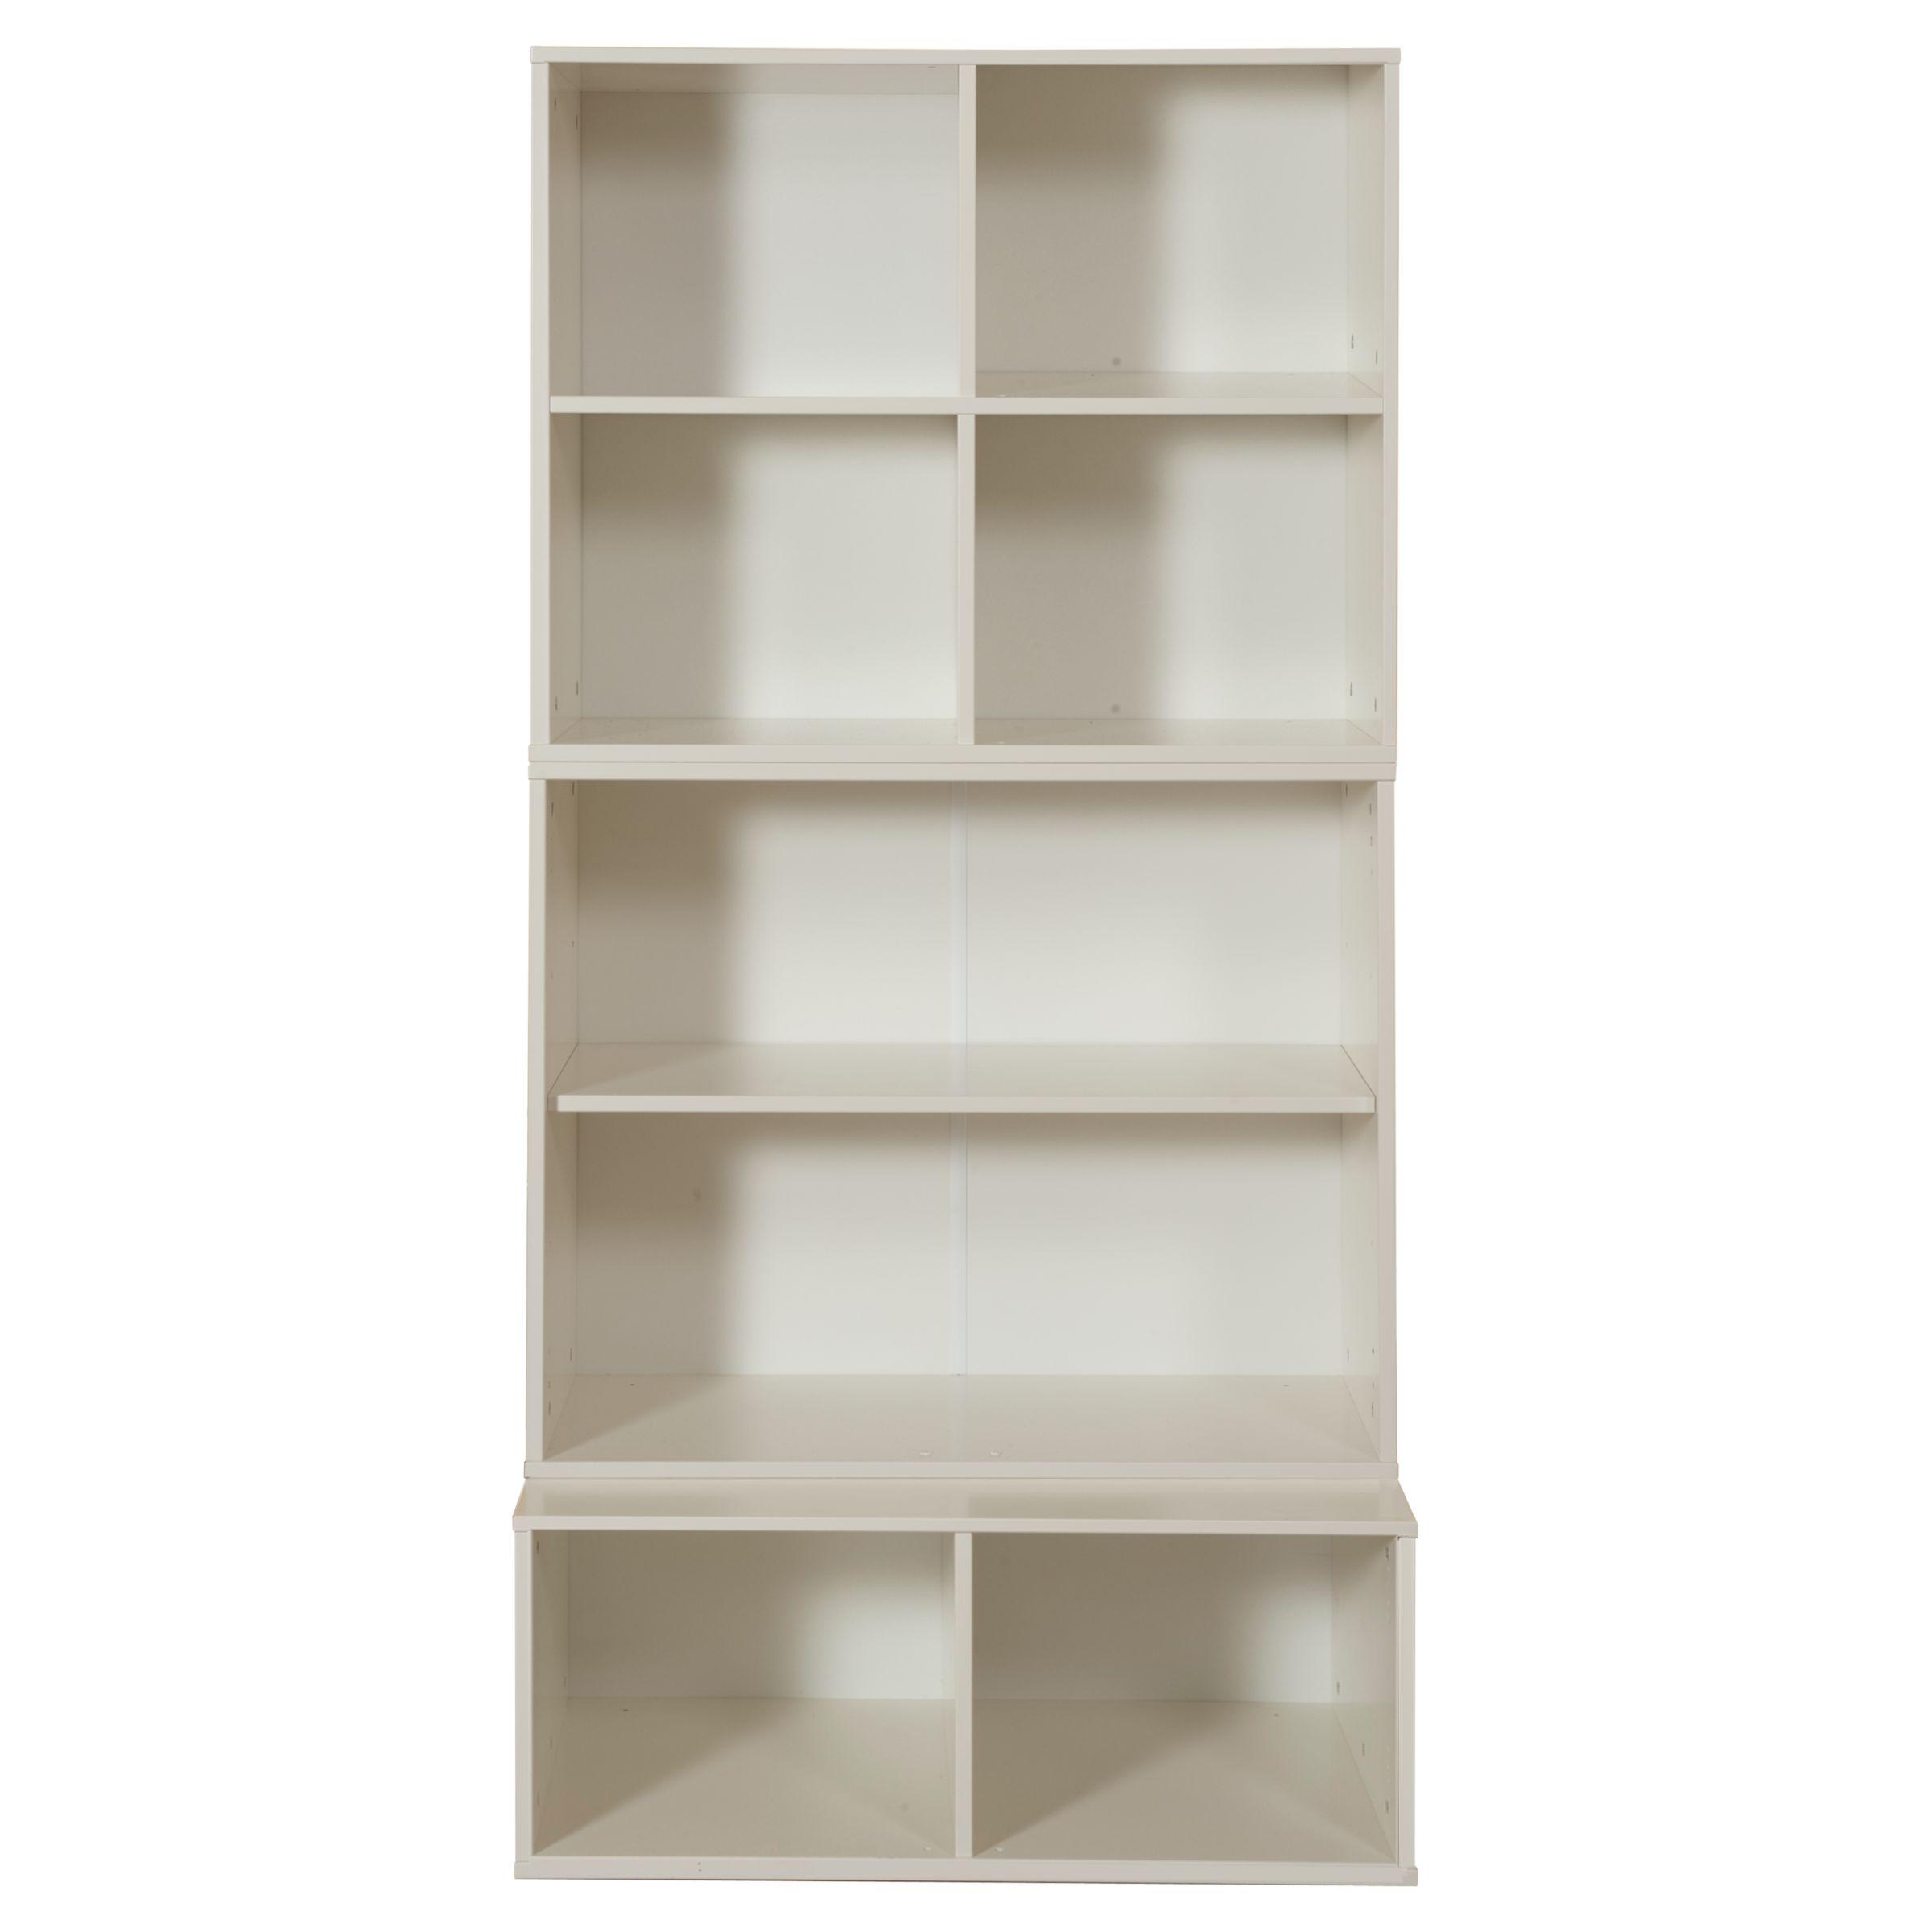 Stompa Stompa Uno S Plus Tall 3 Unit Storage Combination, White